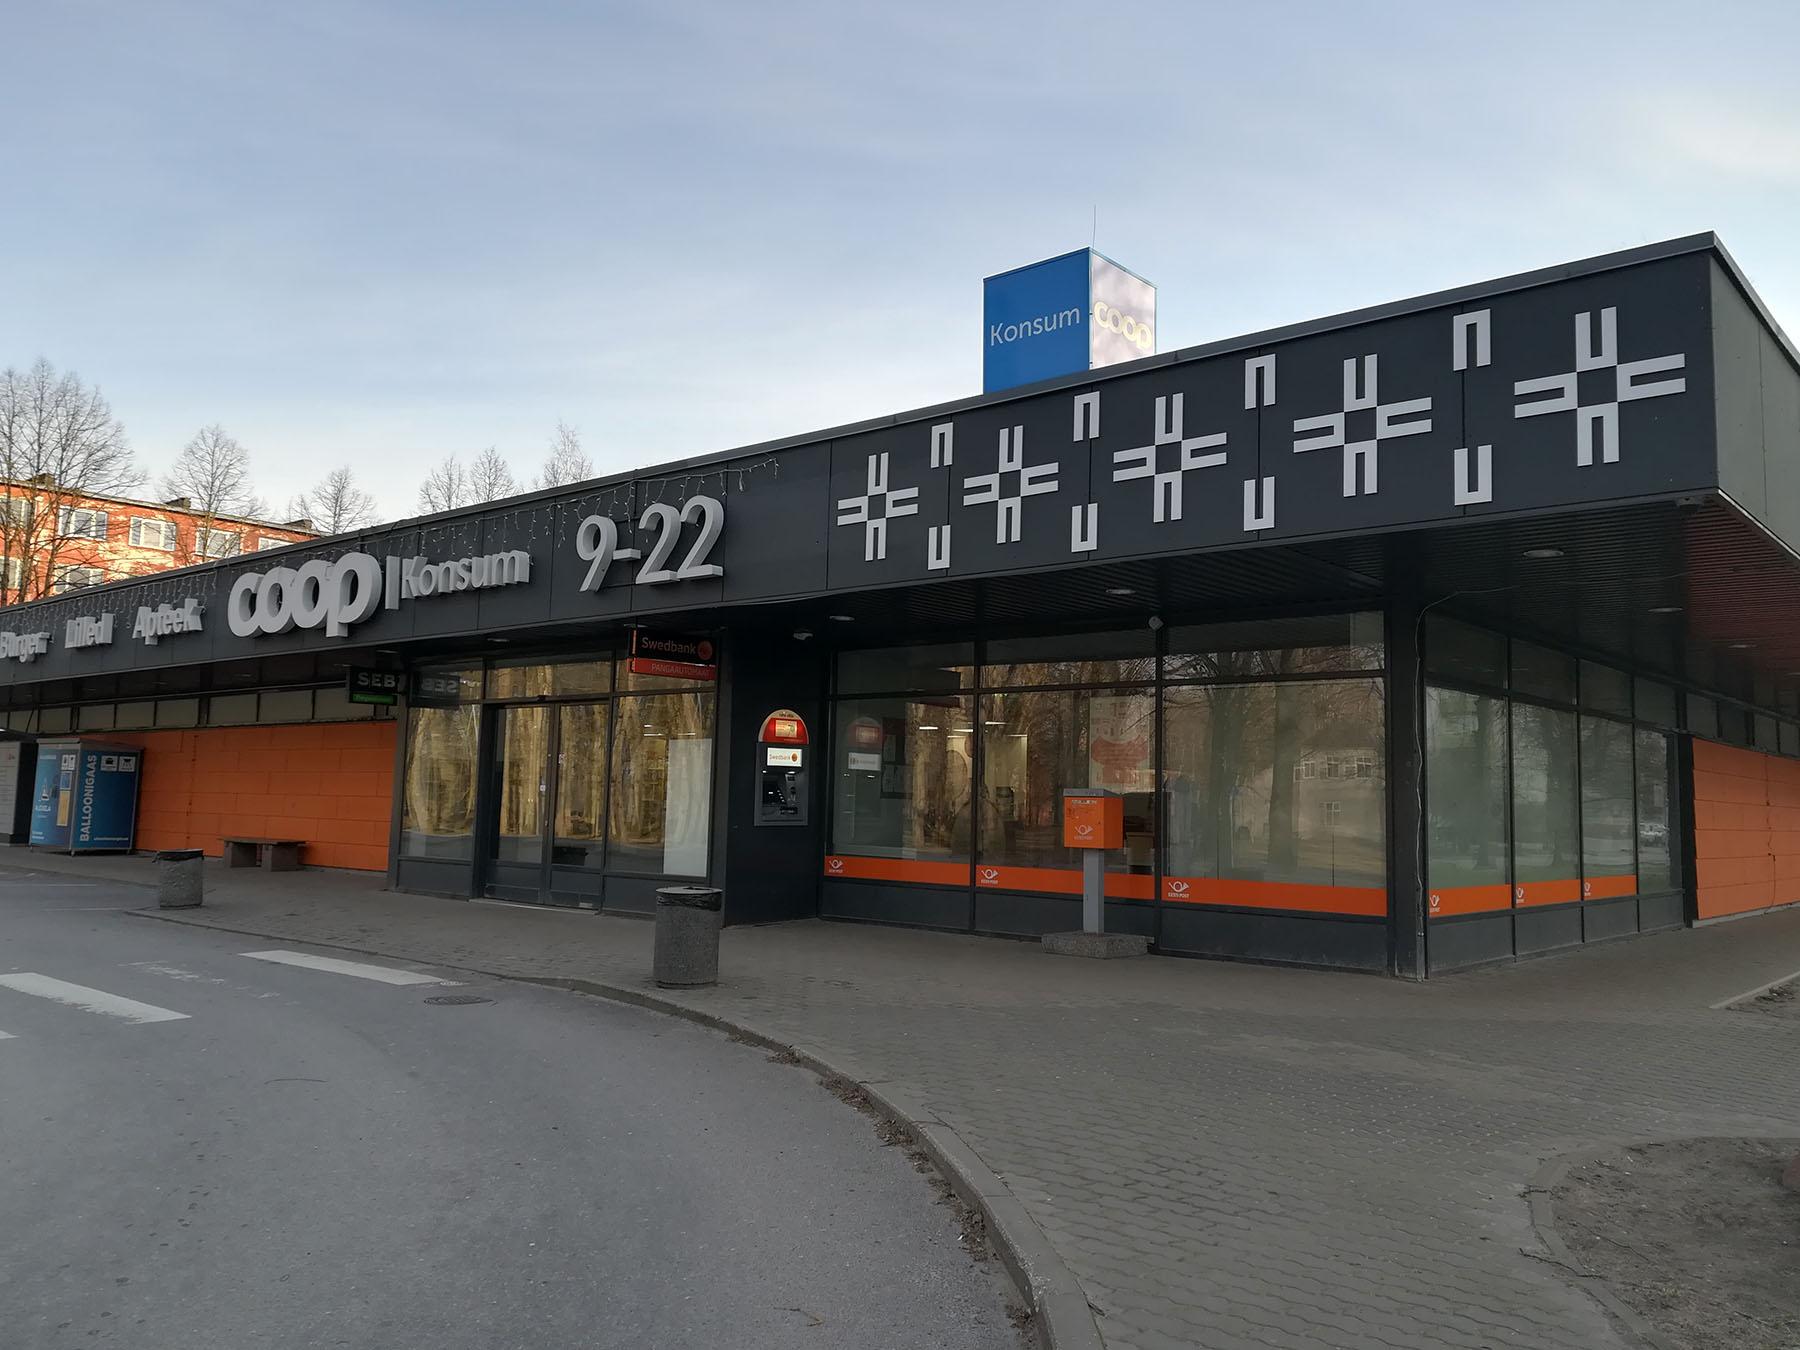 Ühena Eesti kohalike kaubanduskeskuste hulgas jääb avatuks ka Sindi postkontor. Foto: Urmas Saard